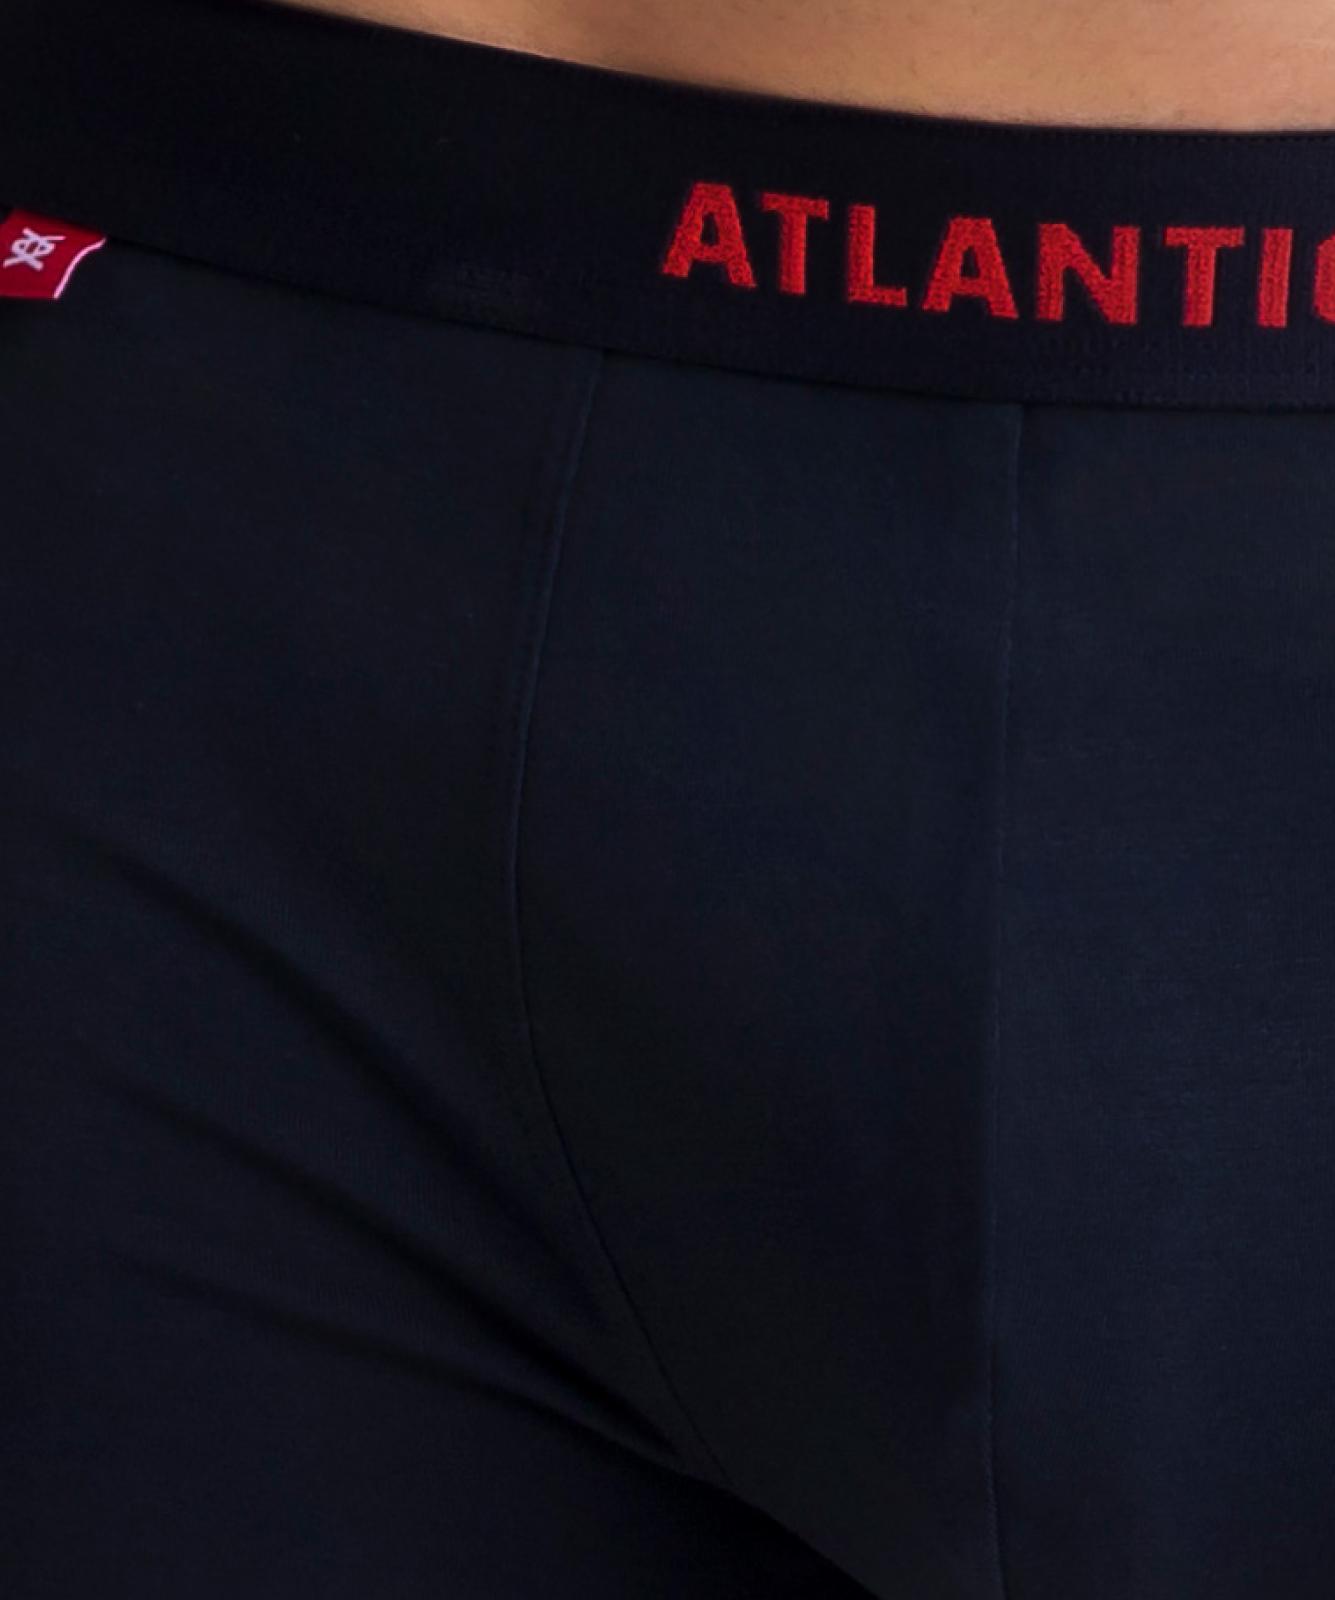 Мужские трусы шорты Atlantic, набор из 3 шт., хлопок, светло-голубые + темно-синие + серый меланж, 3MH-022